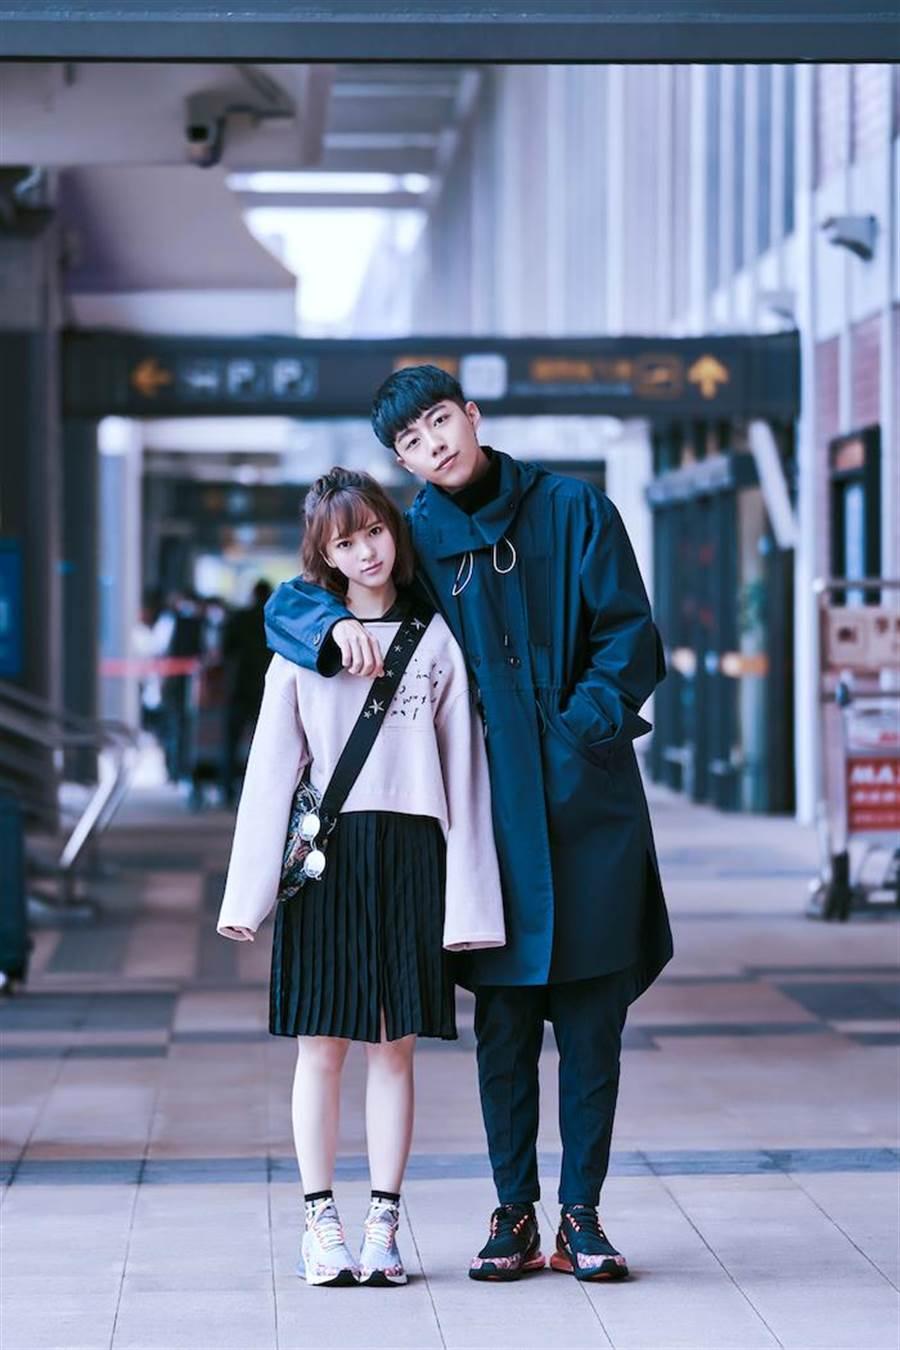 項婕如和蔡凡熙擁有「最萌身高差」。(群星瑞智提供)